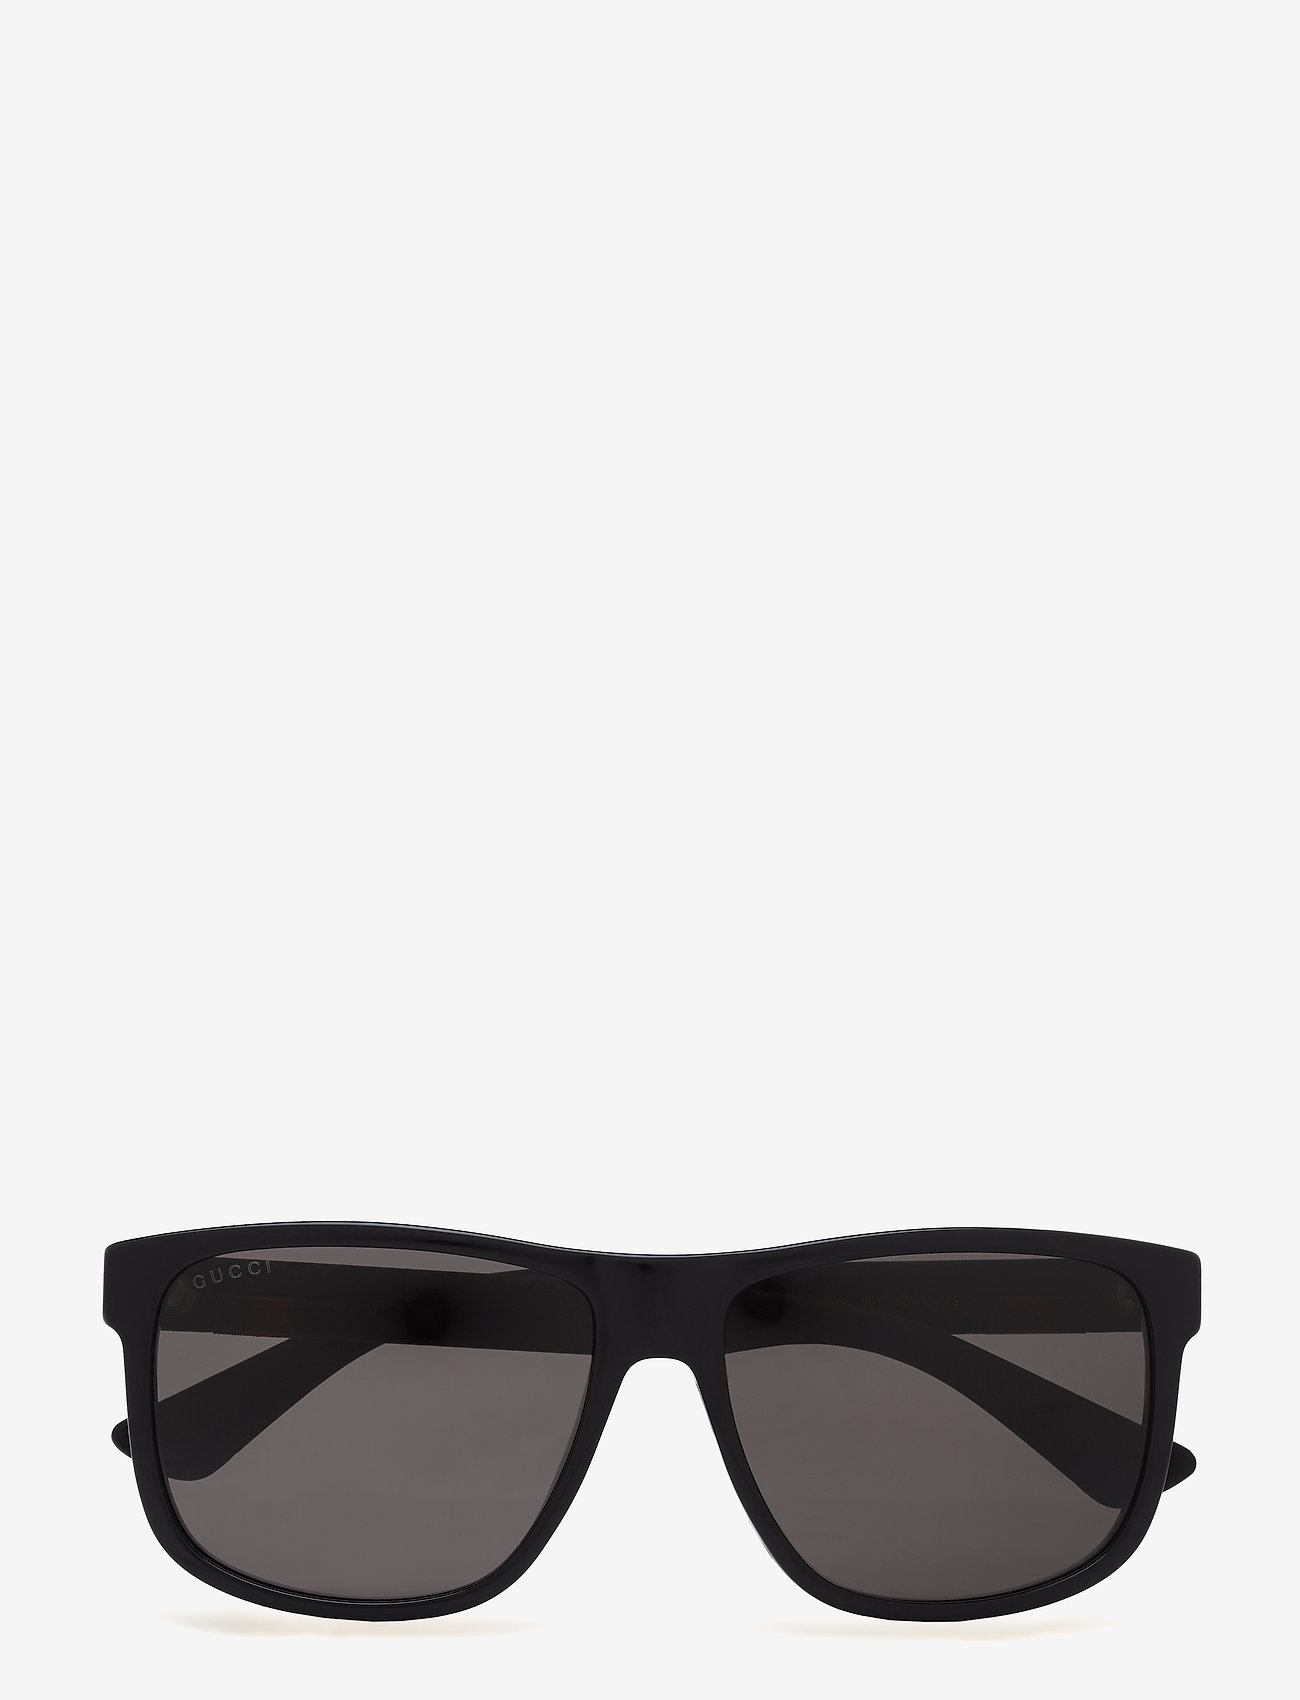 Gucci Sunglasses - GG0010S - black-black-grey - 0